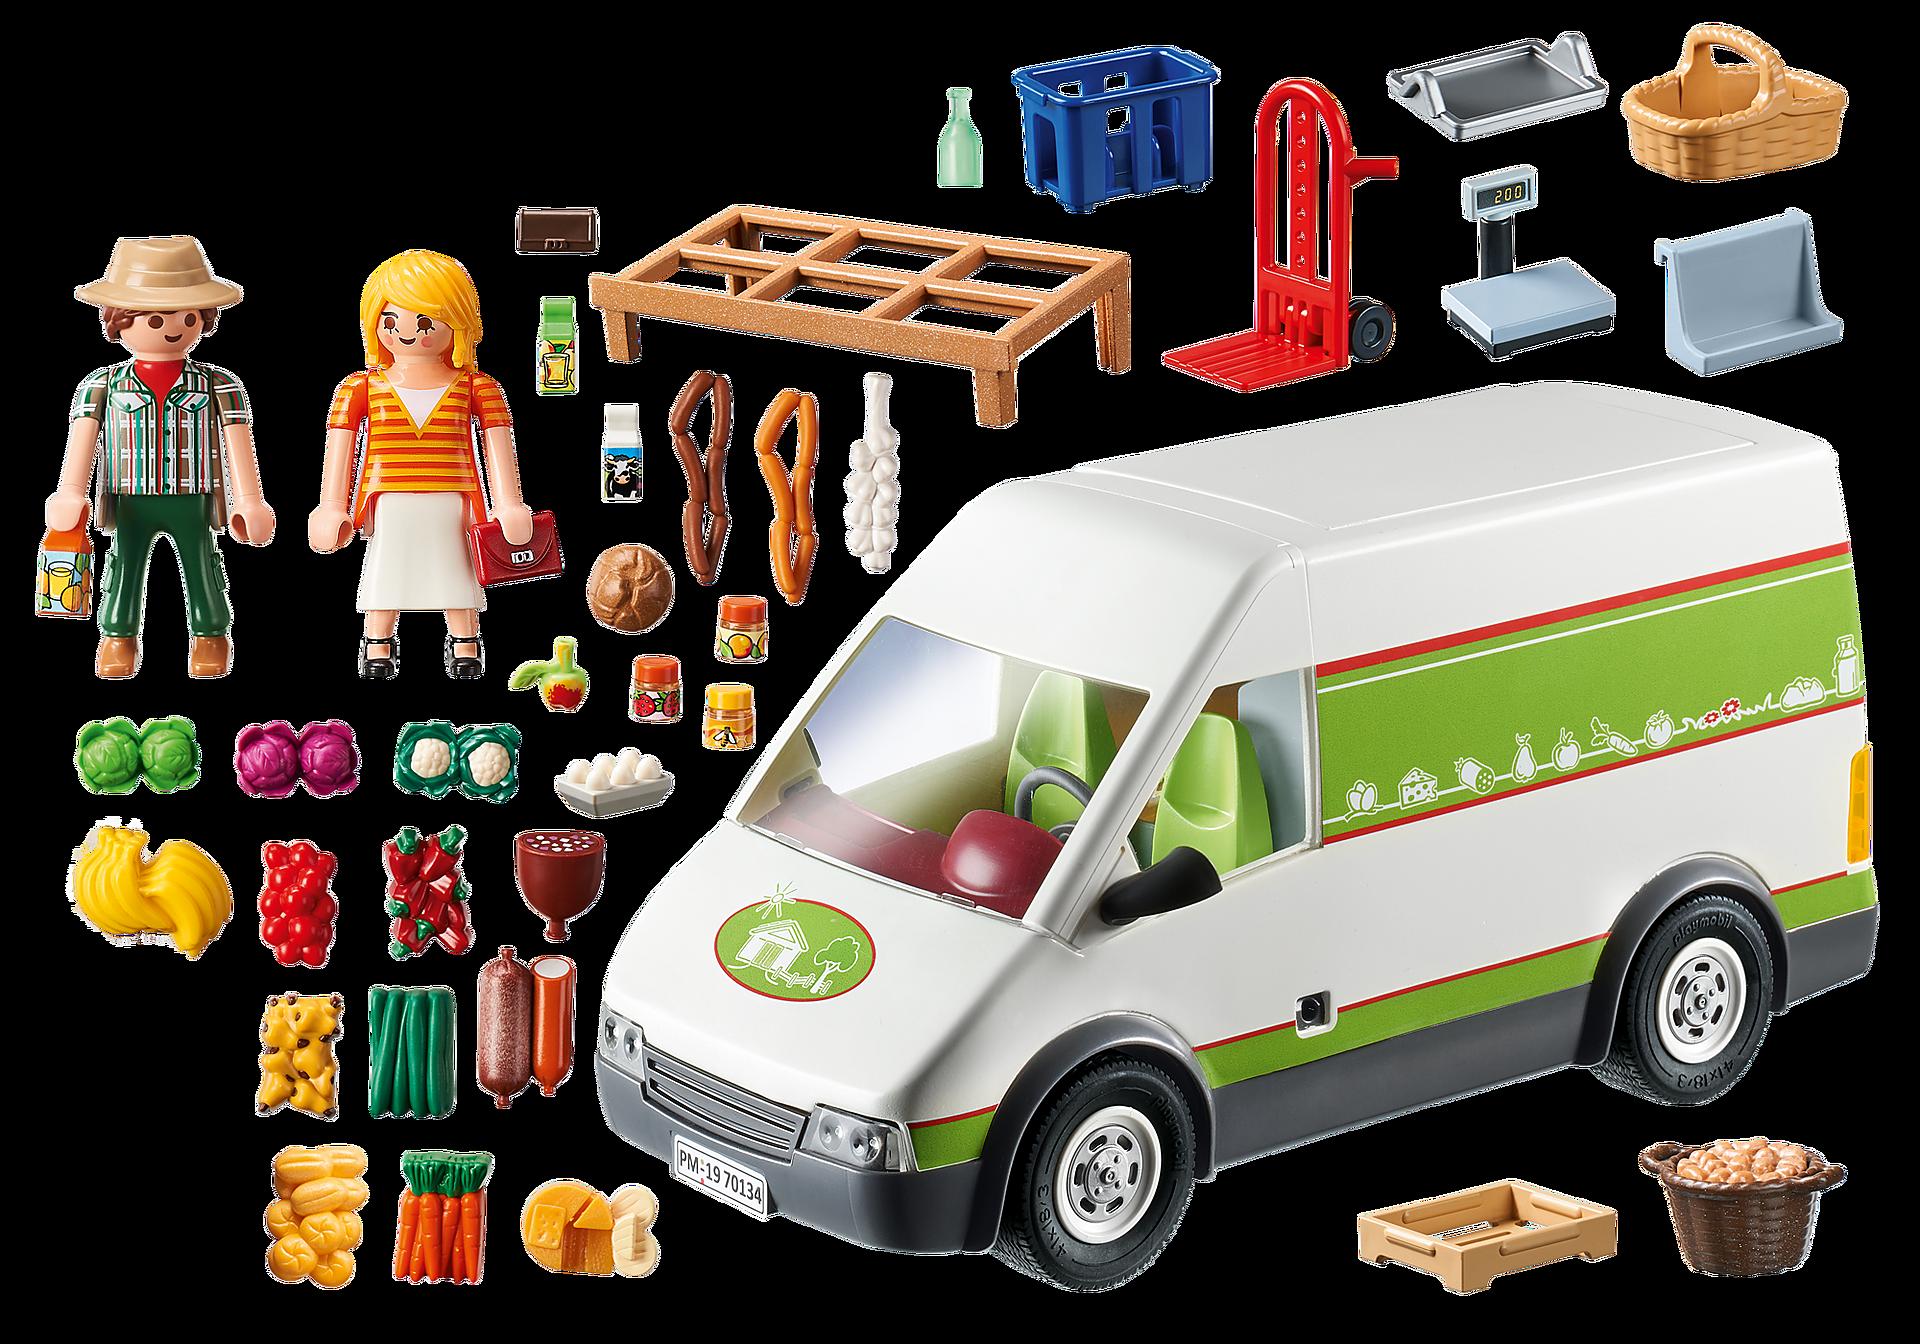 70134 Samochód do sprzedaży owoców i warzyw zoom image4